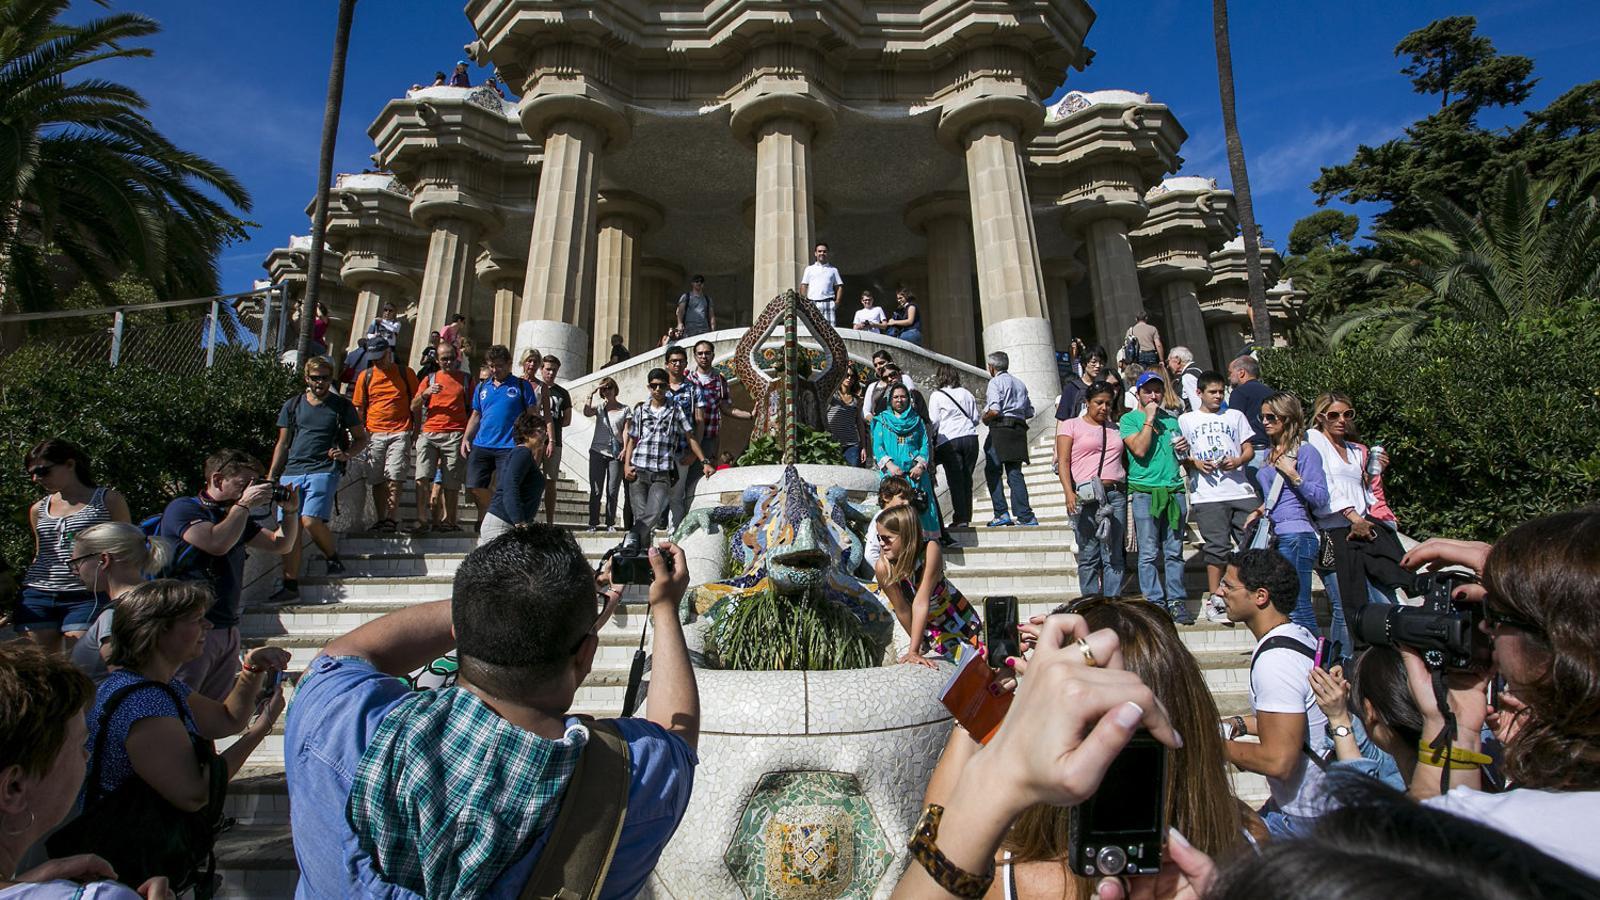 Turisme de Barcelona defensa que els aldarulls no afectaran l'ocupació hotelera